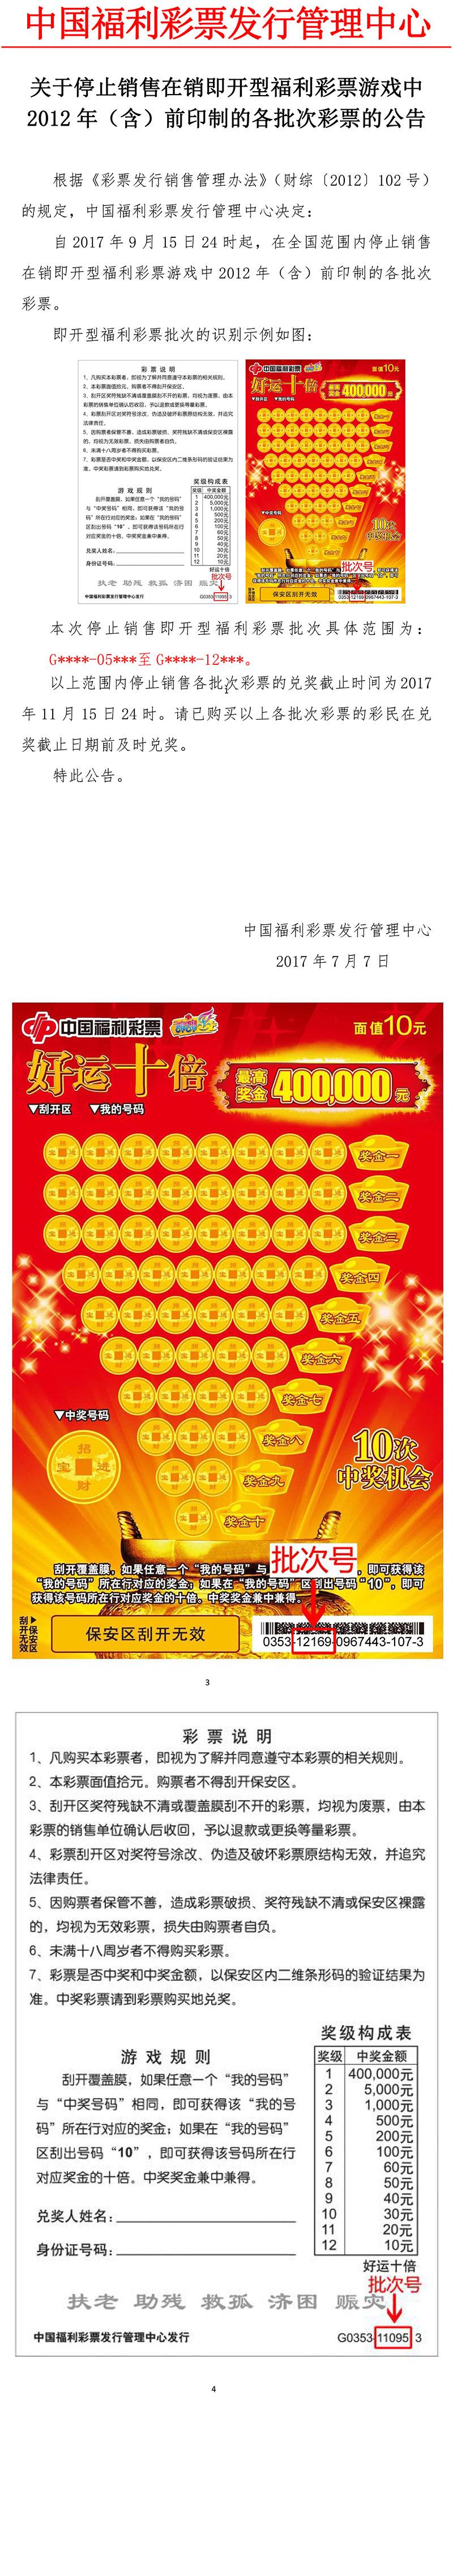 关于停止销售在销即开型福利彩票游戏中2012年(含)前印制的各批次彩票公告内容